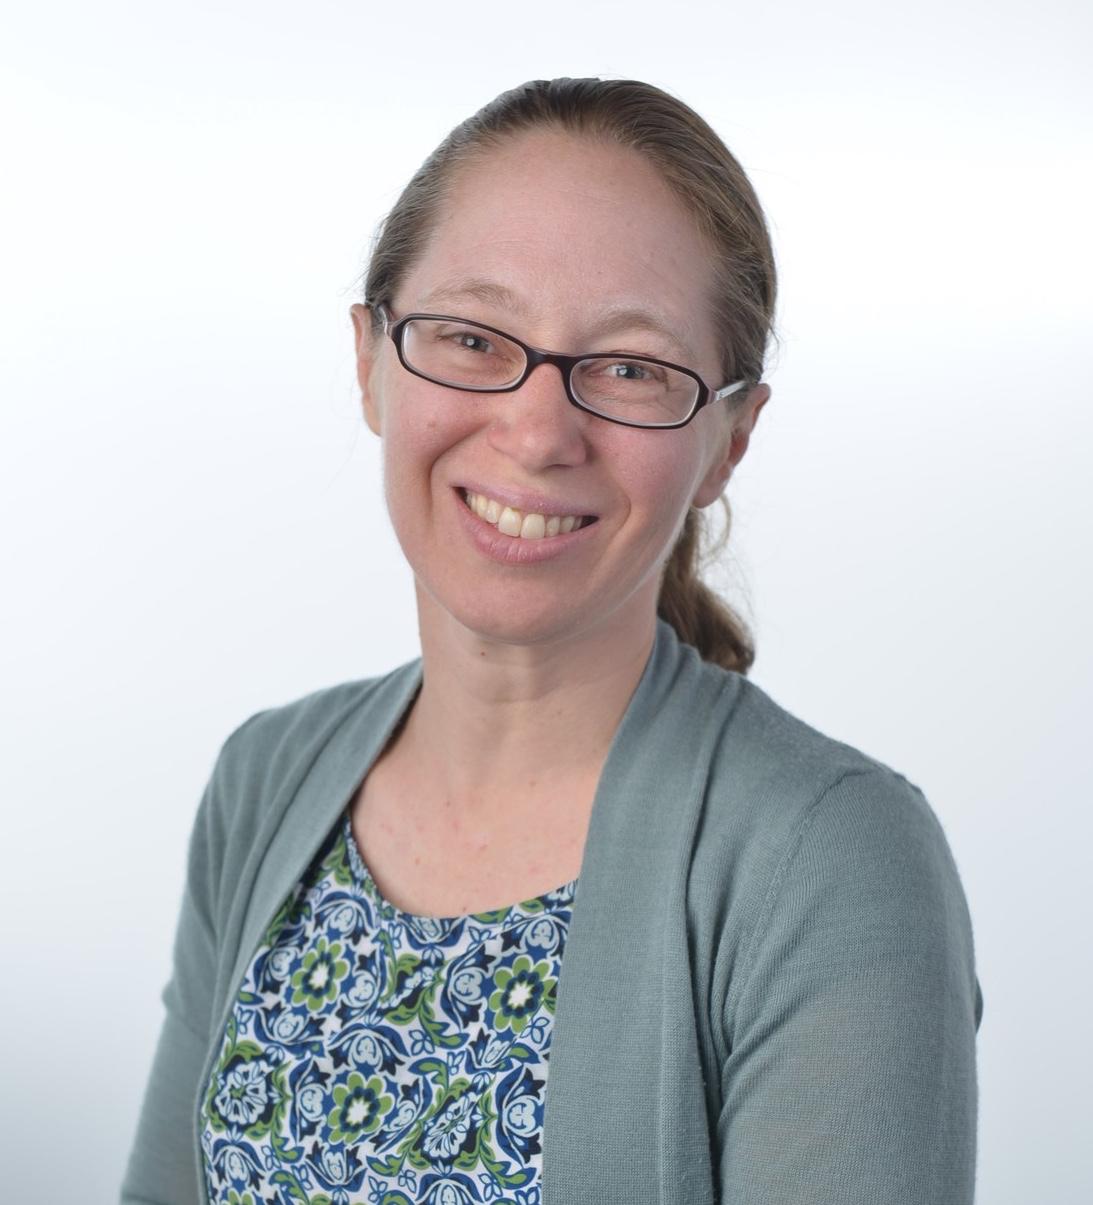 Megan Carlos, PhD